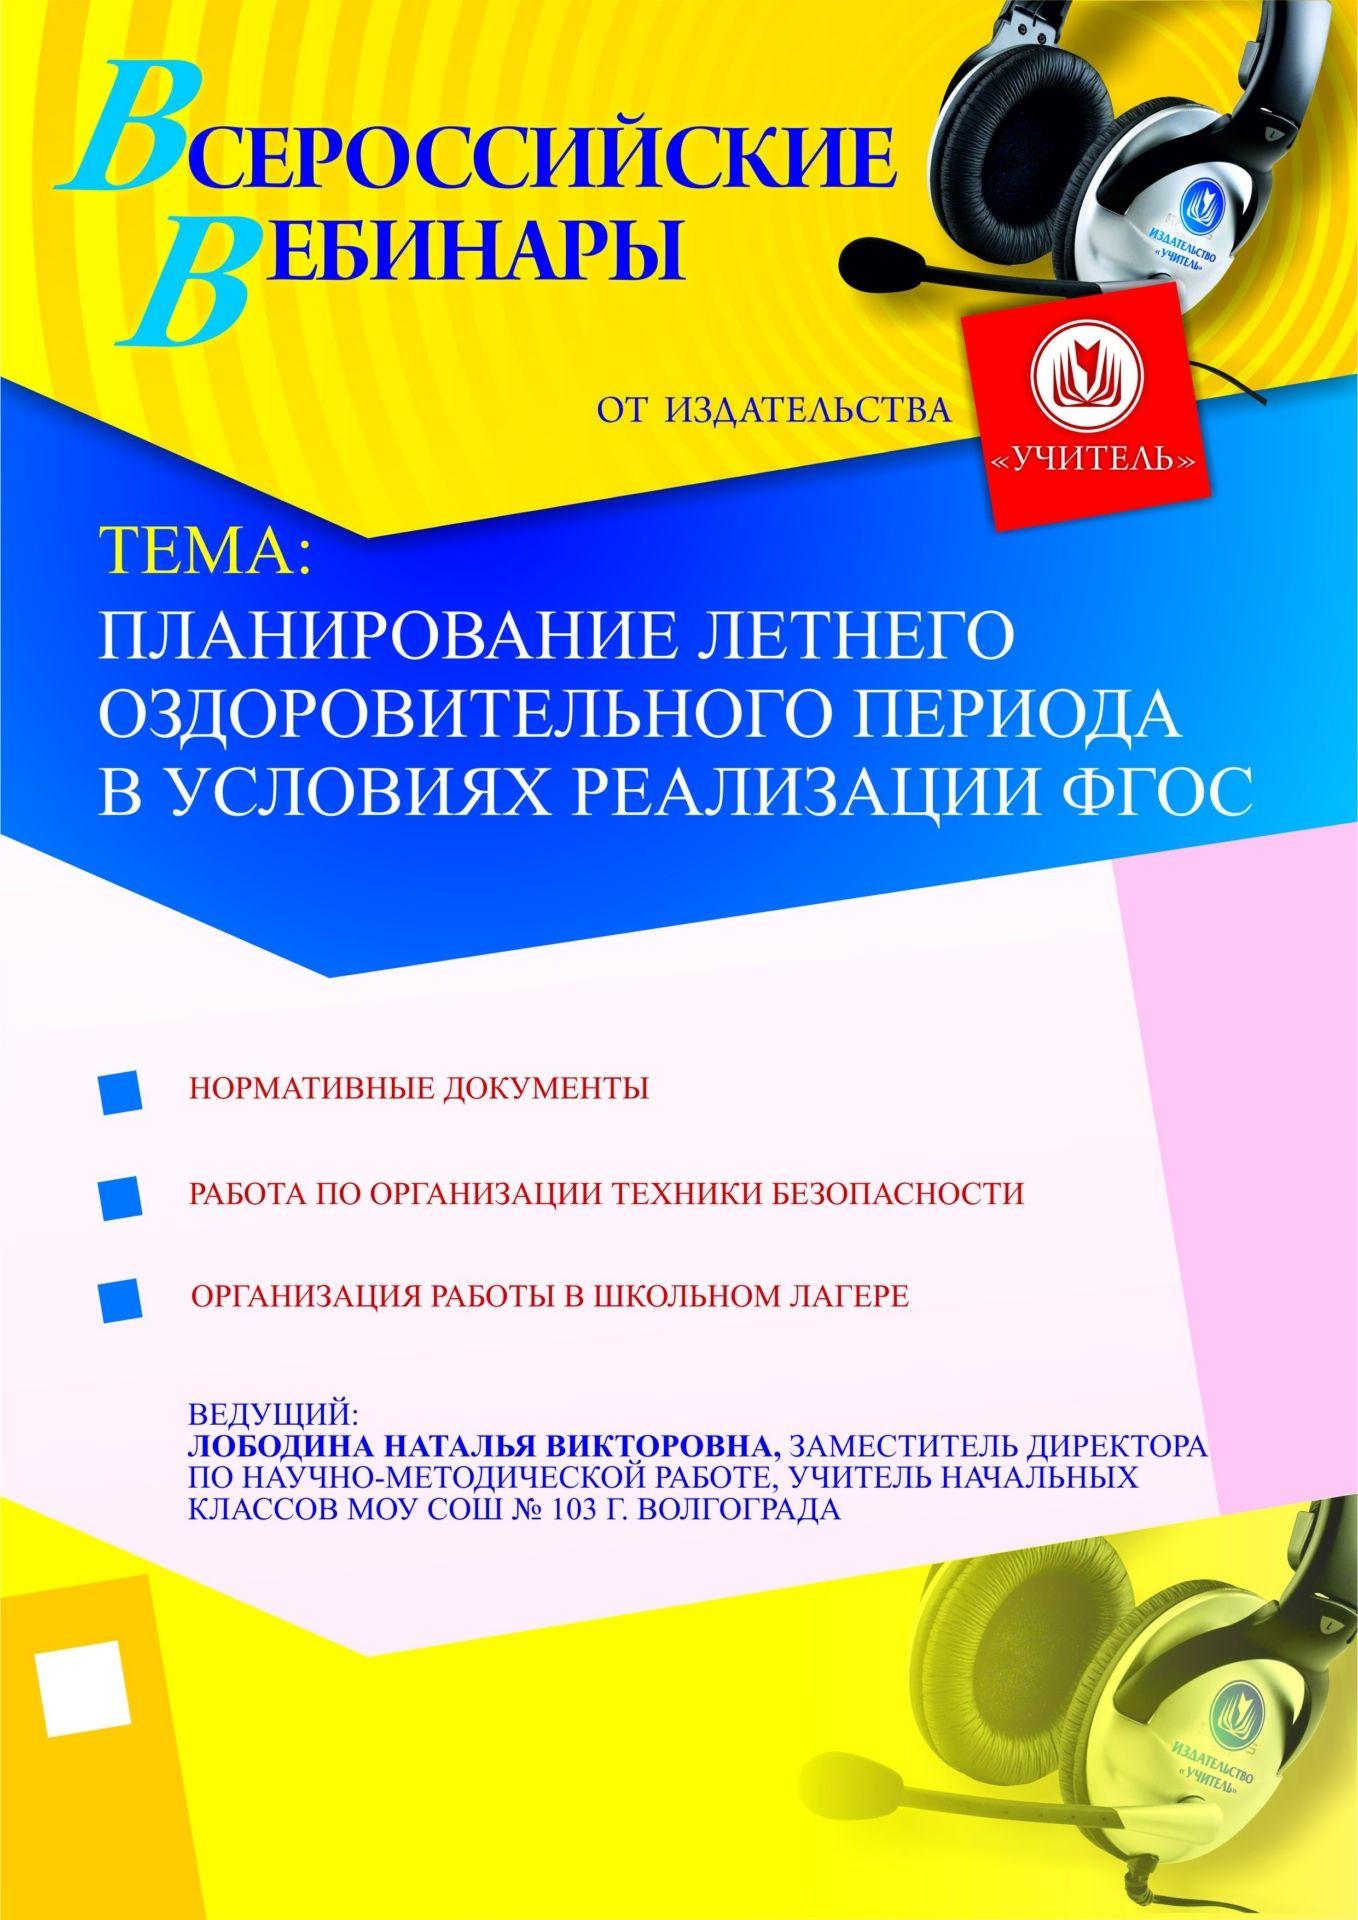 Планирование летнего оздоровительного периода в условиях реализации ФГОС фото